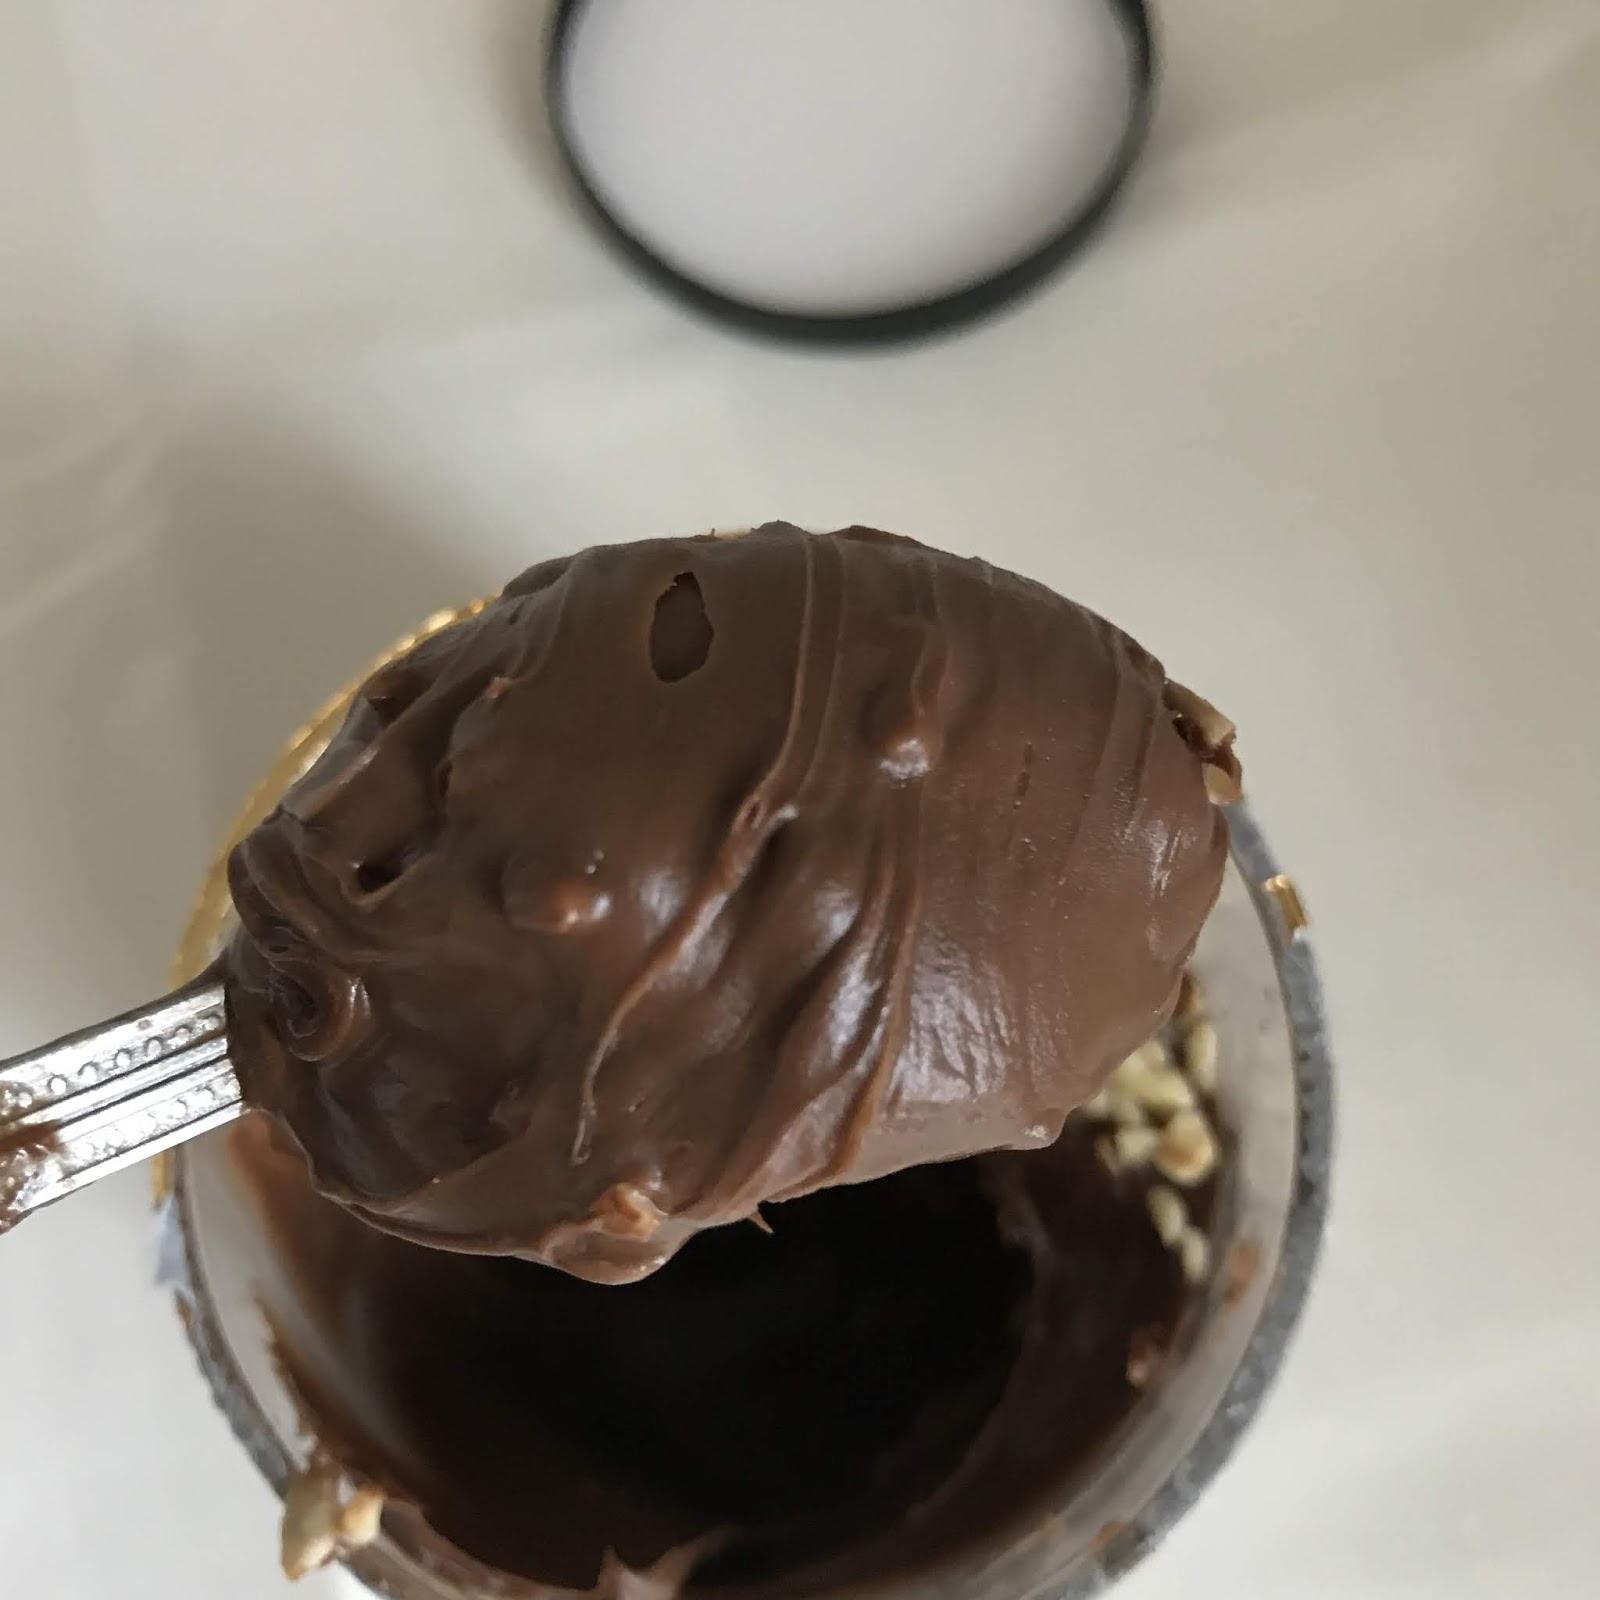 Gu Salted Caramel Hazelnut Spreads Review